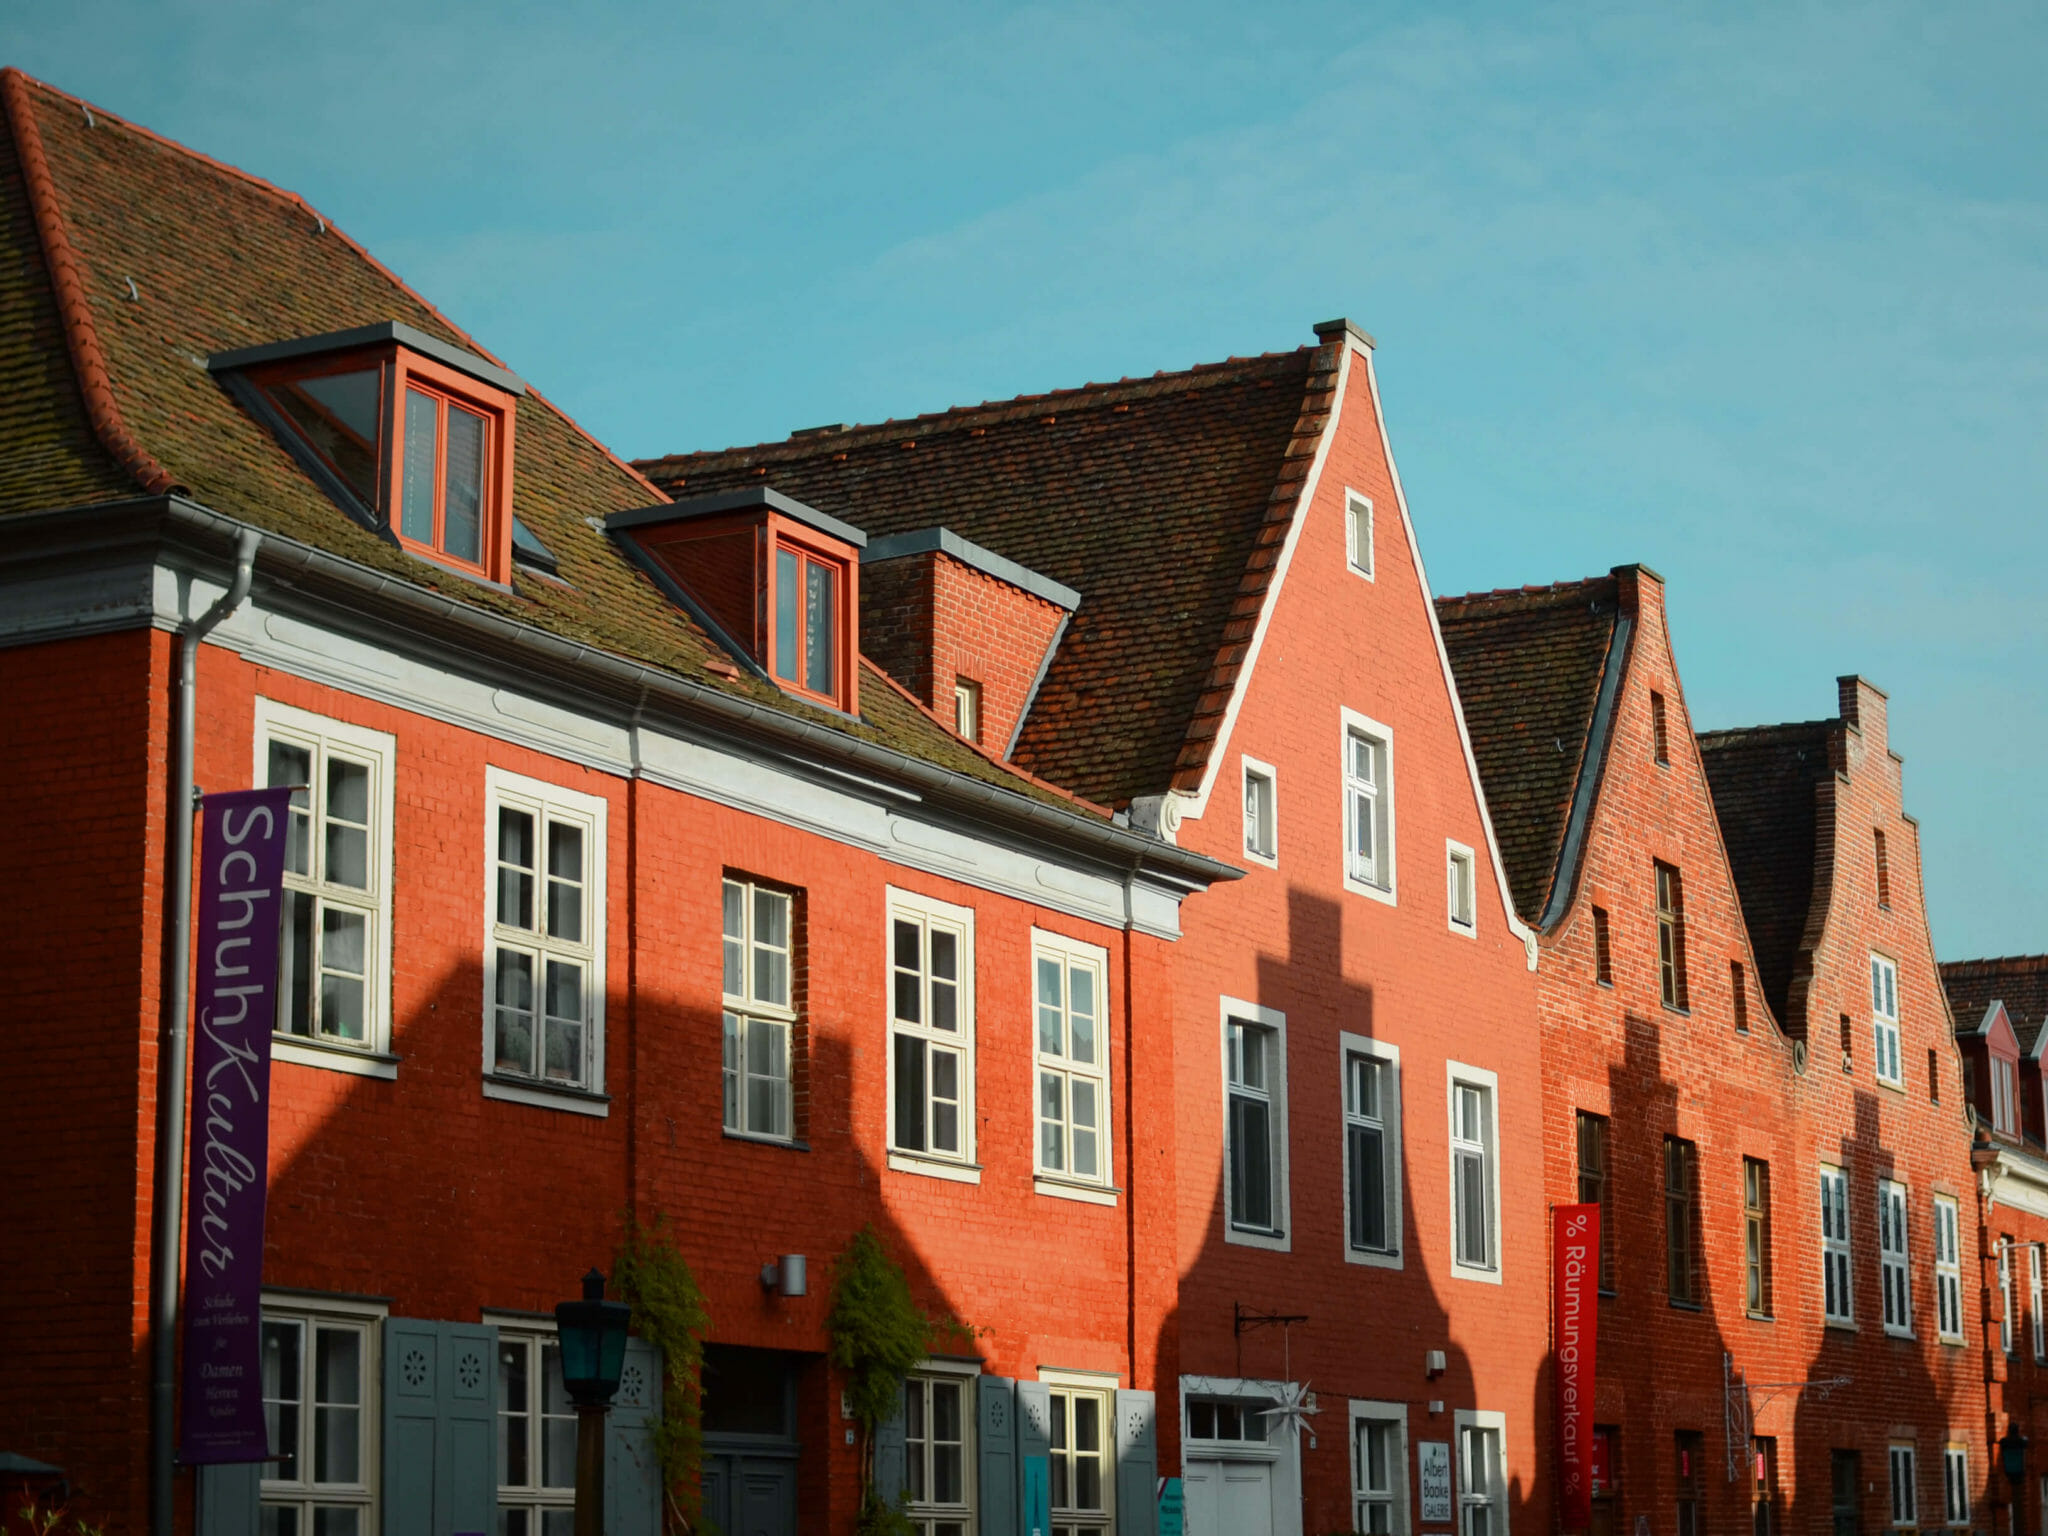 Giebel mit Schattenwurf im Holländischen Viertel in Potsdam